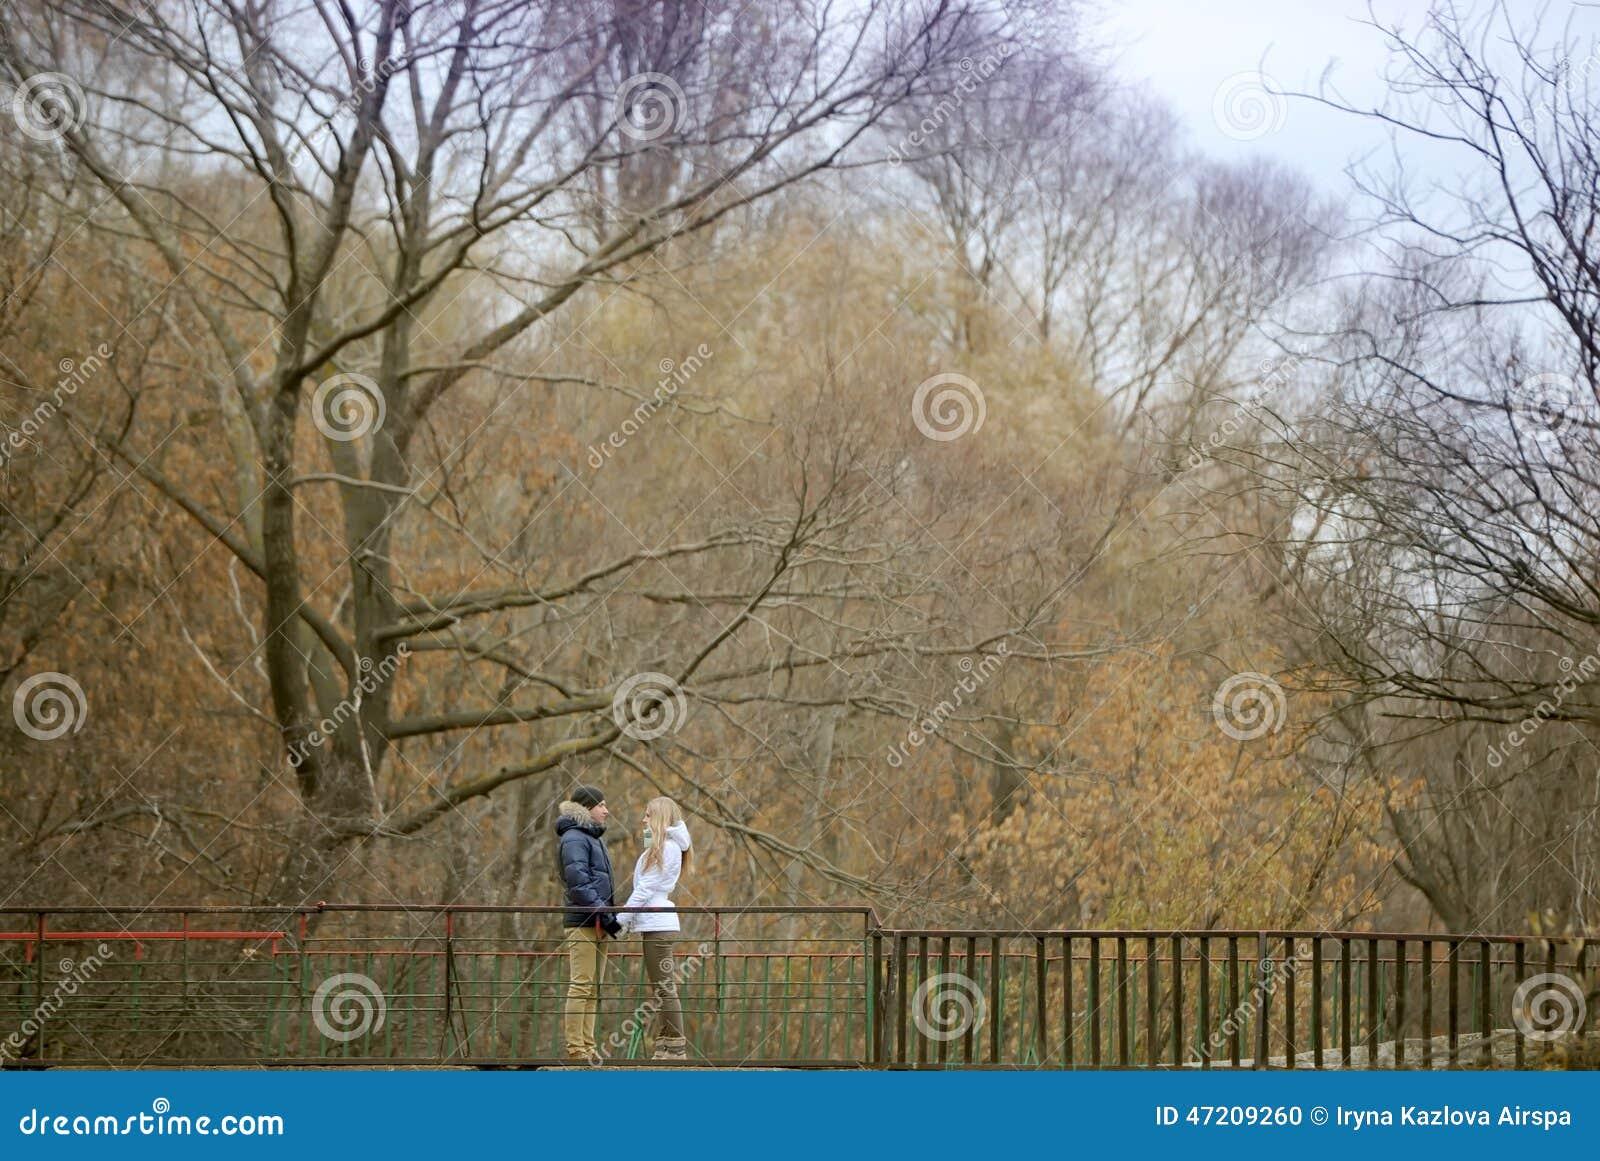 El individuo y la muchacha caminan en el parque del otoño